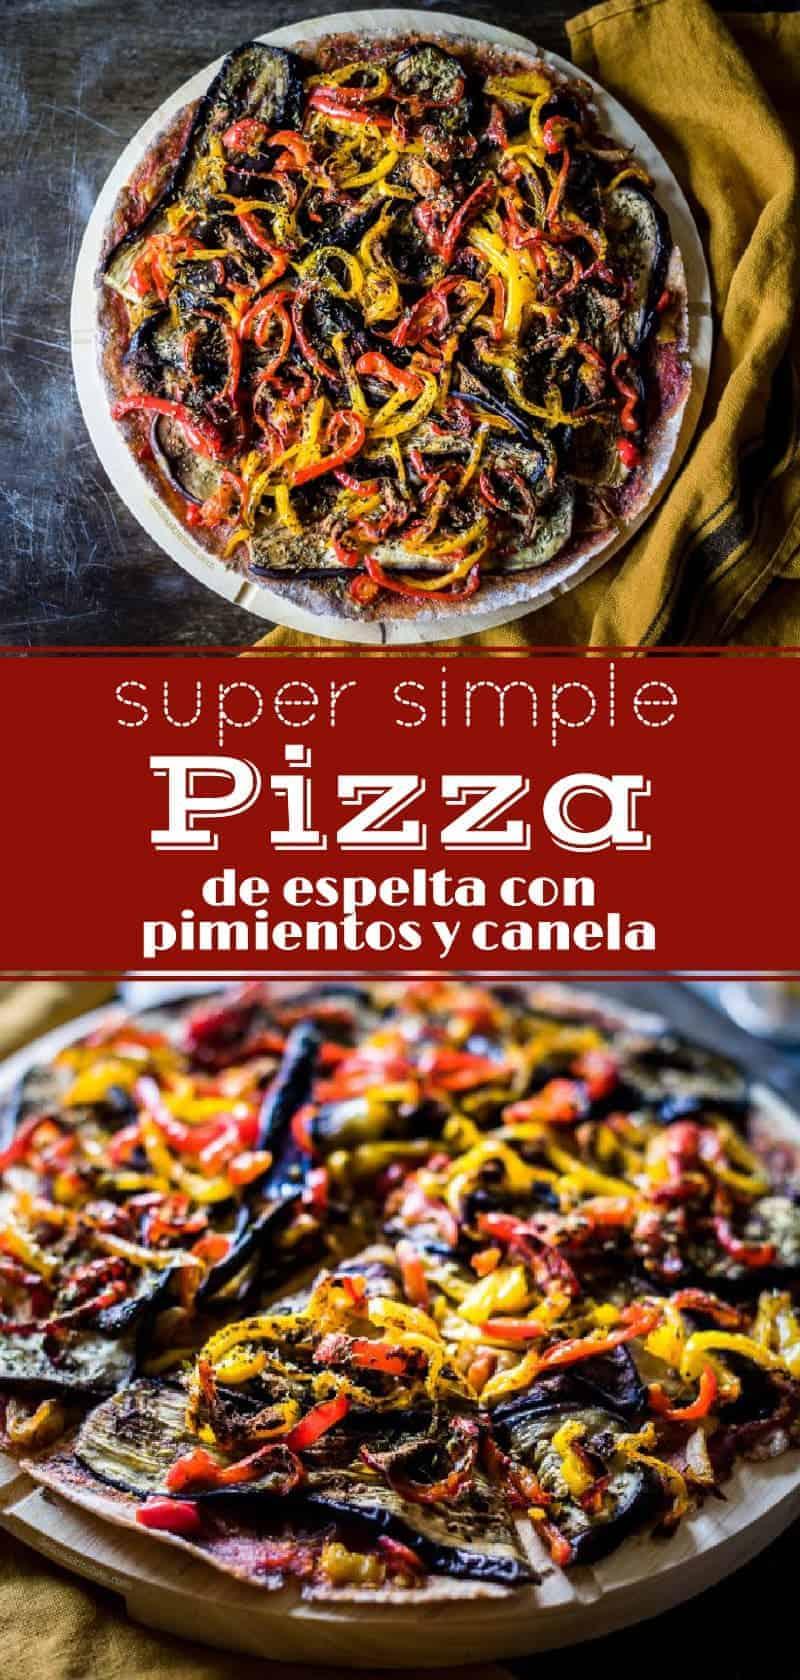 Pizza de berenjenas, pimientos y canela